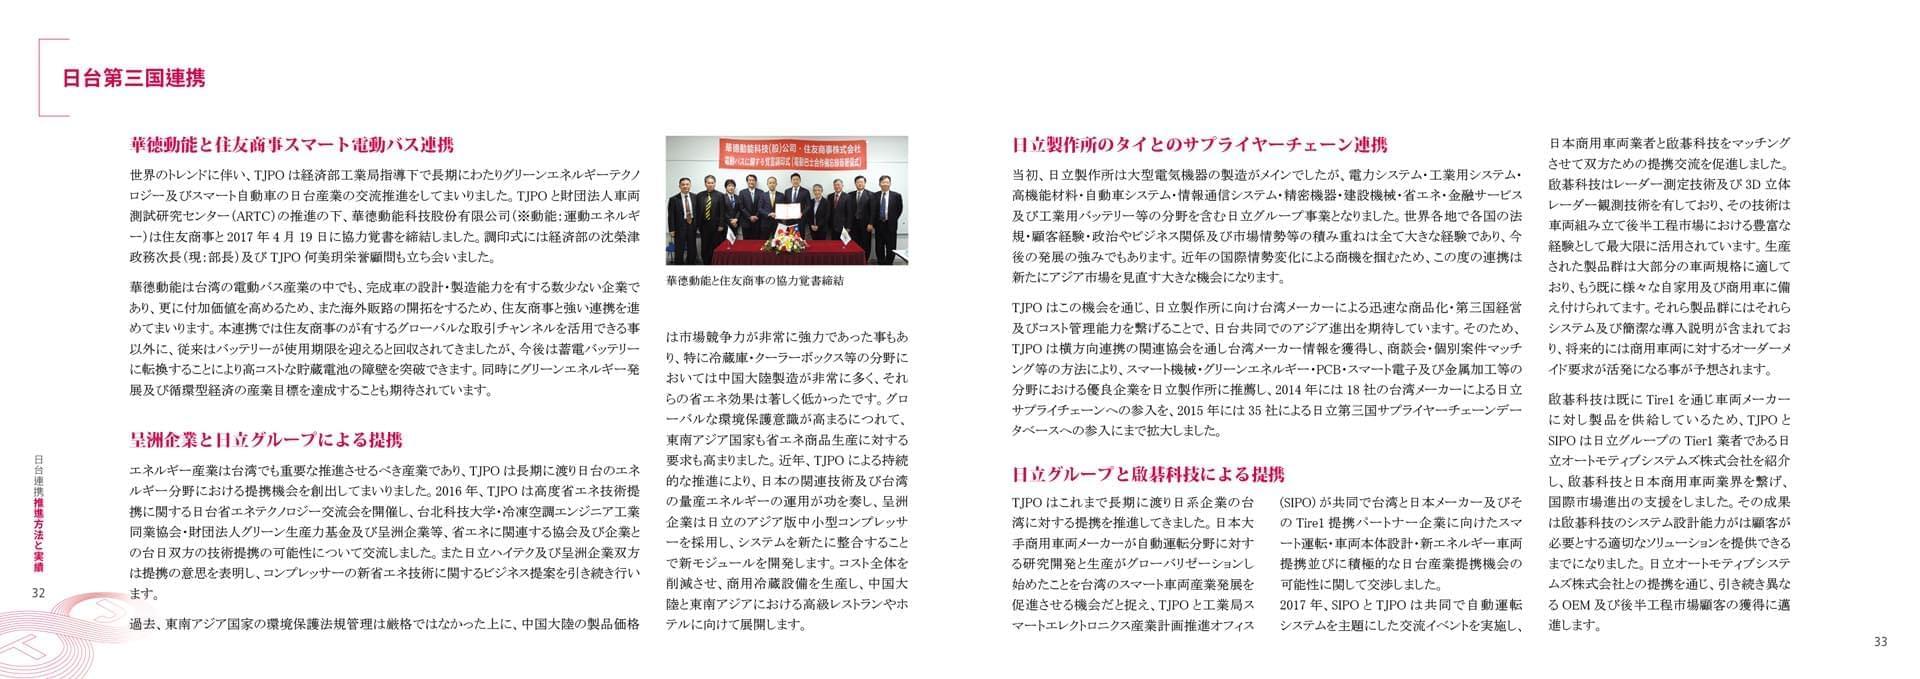 台日型錄-日文版60頁-第二次修改070219